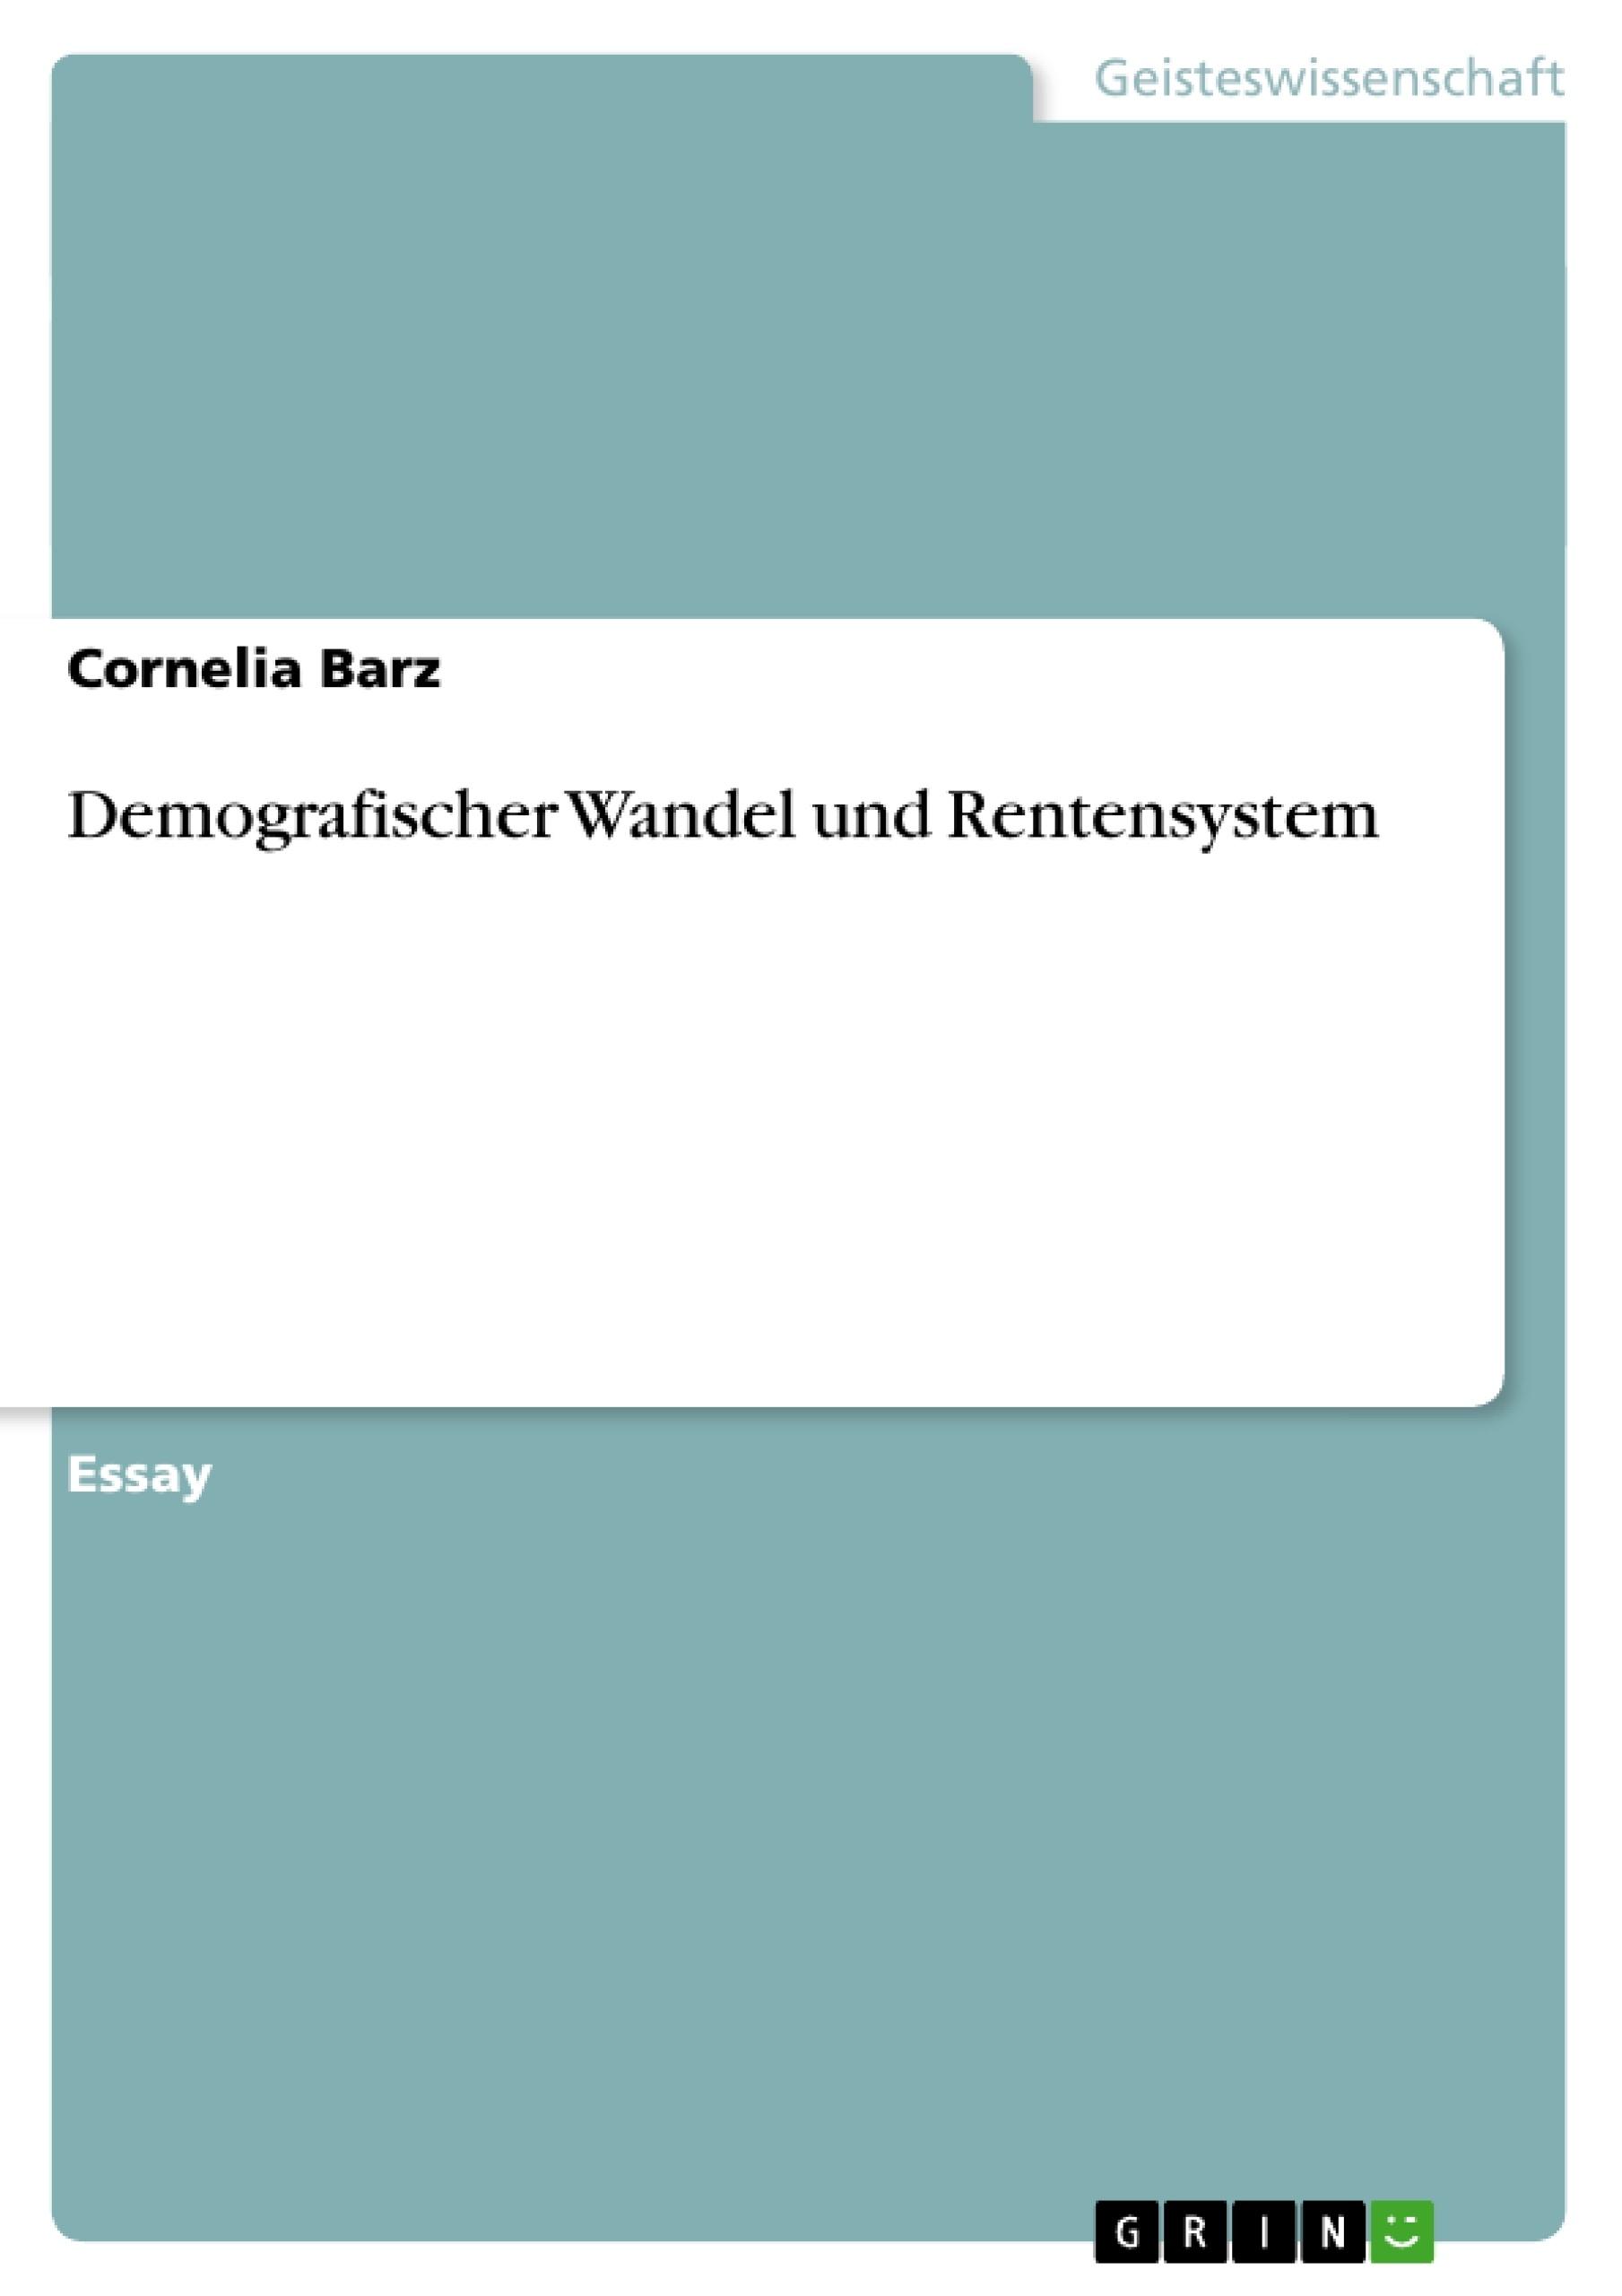 Titel: Demografischer Wandel und Rentensystem